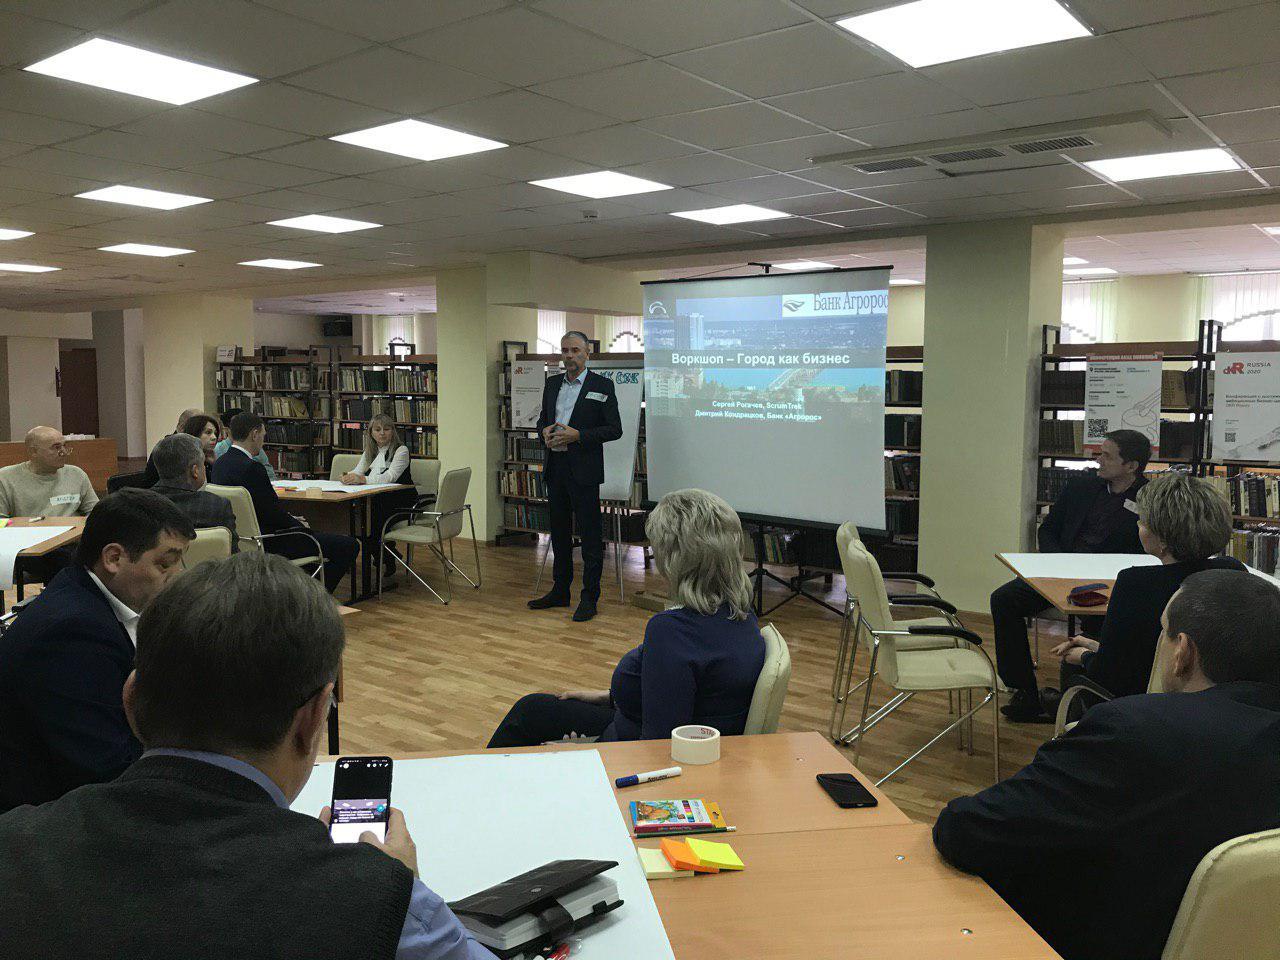 Представители бизнеса и администрации Саратова познали «Город как бизнес»